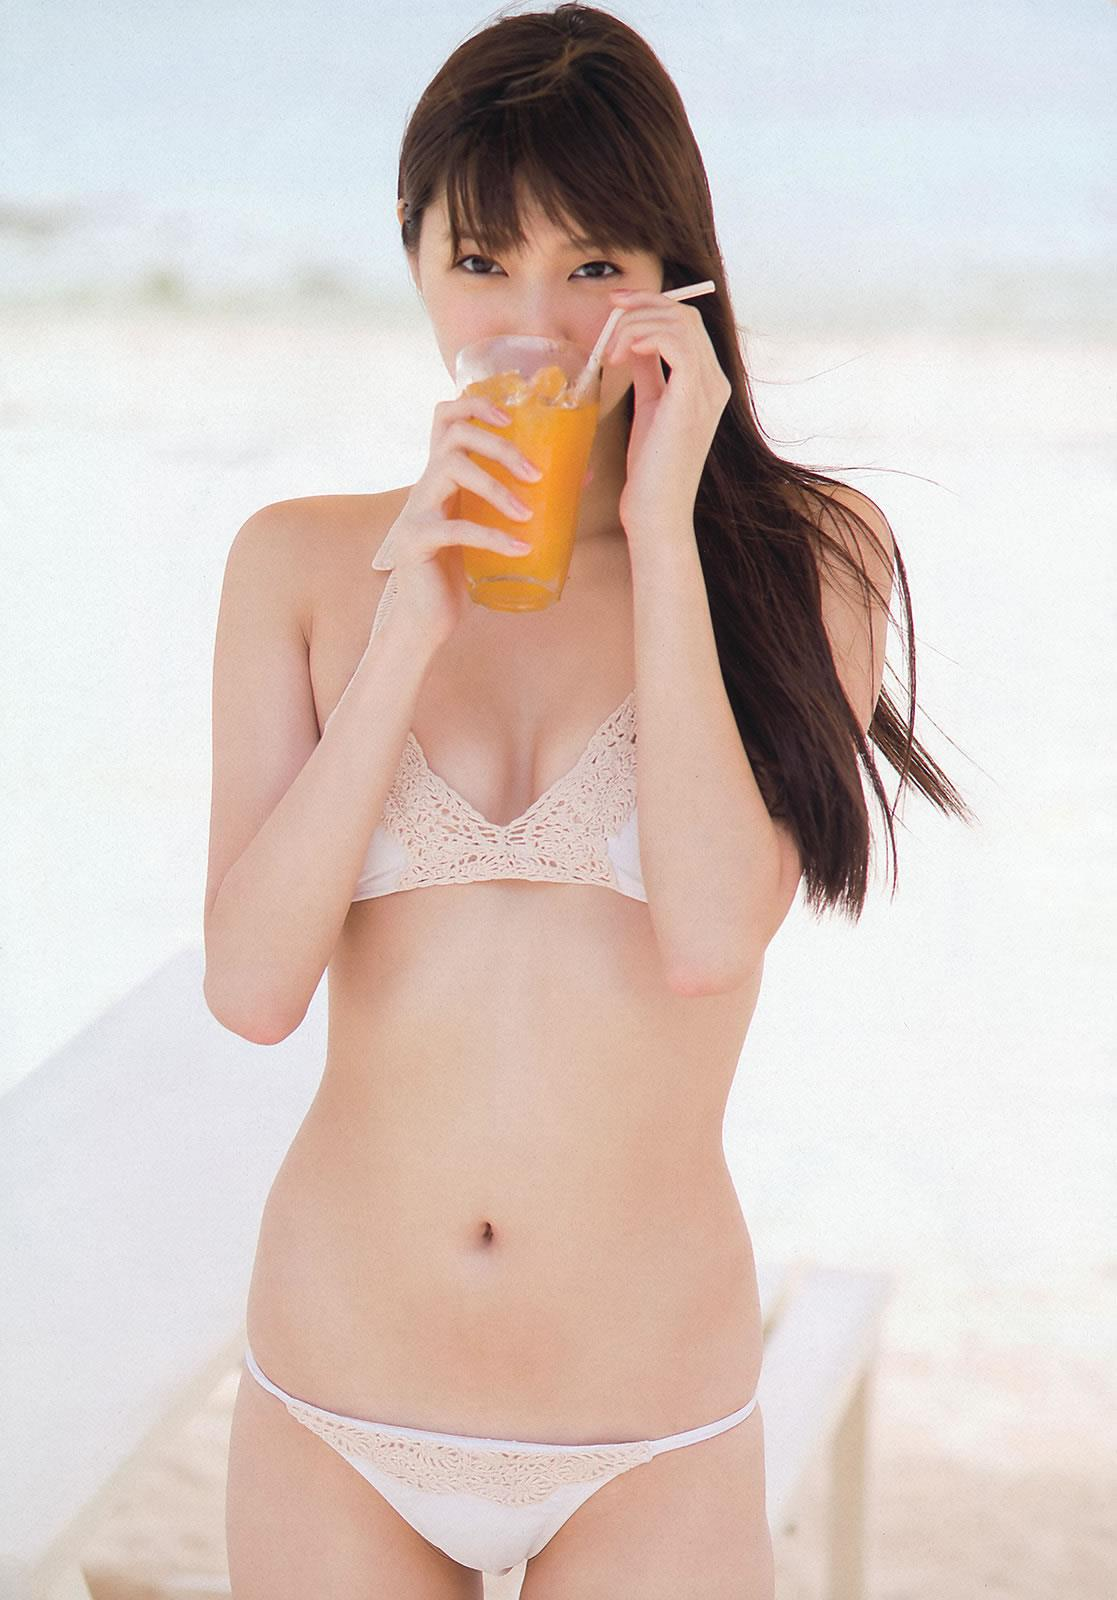 新川優愛 エロ画像 19